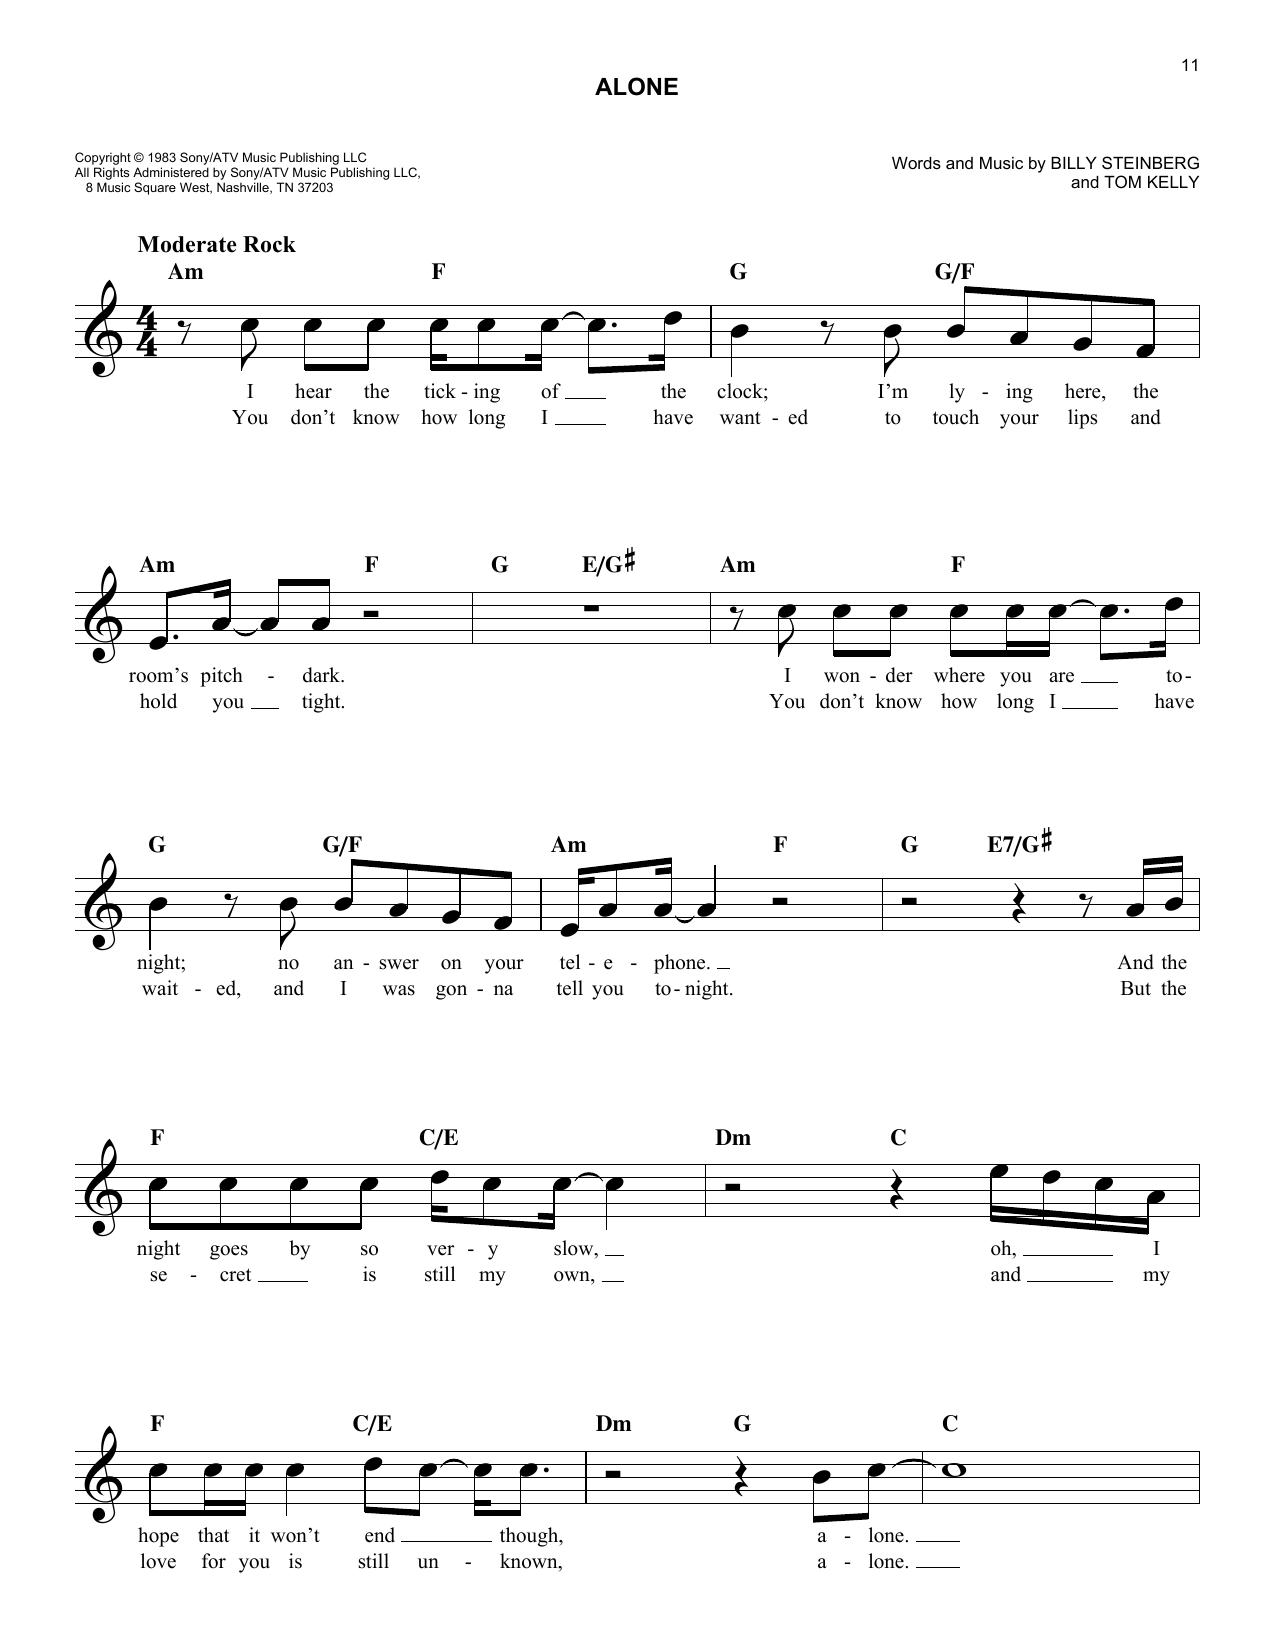 Sheet Music Heart Alone